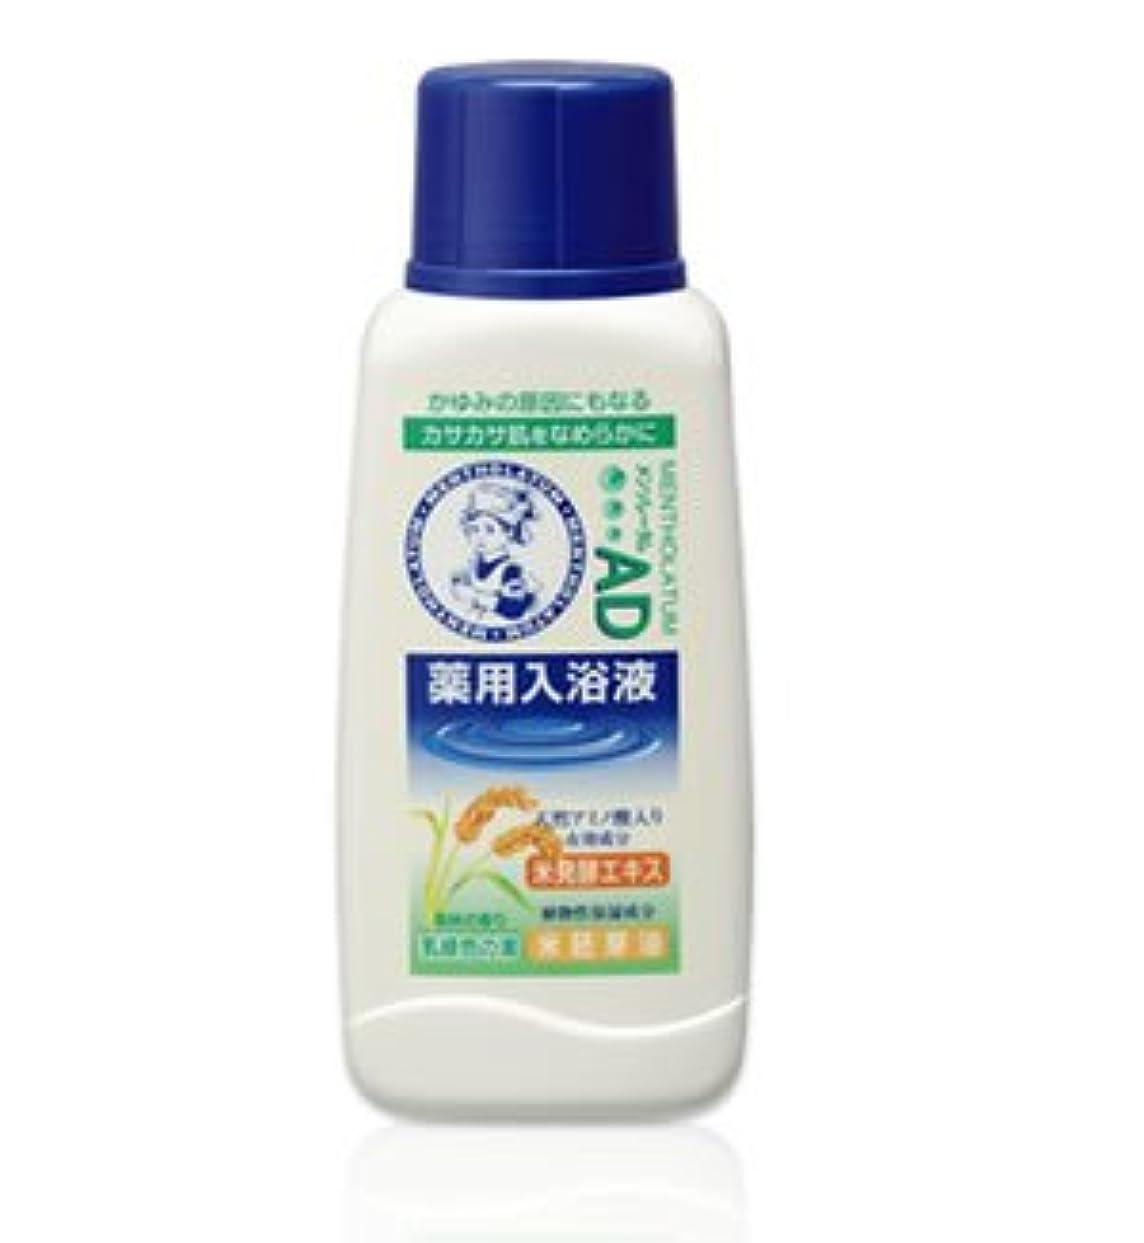 回路青コンクリート(ロート)メンソレータム AD薬用入浴剤 森林の香り720ml(医薬部外品)